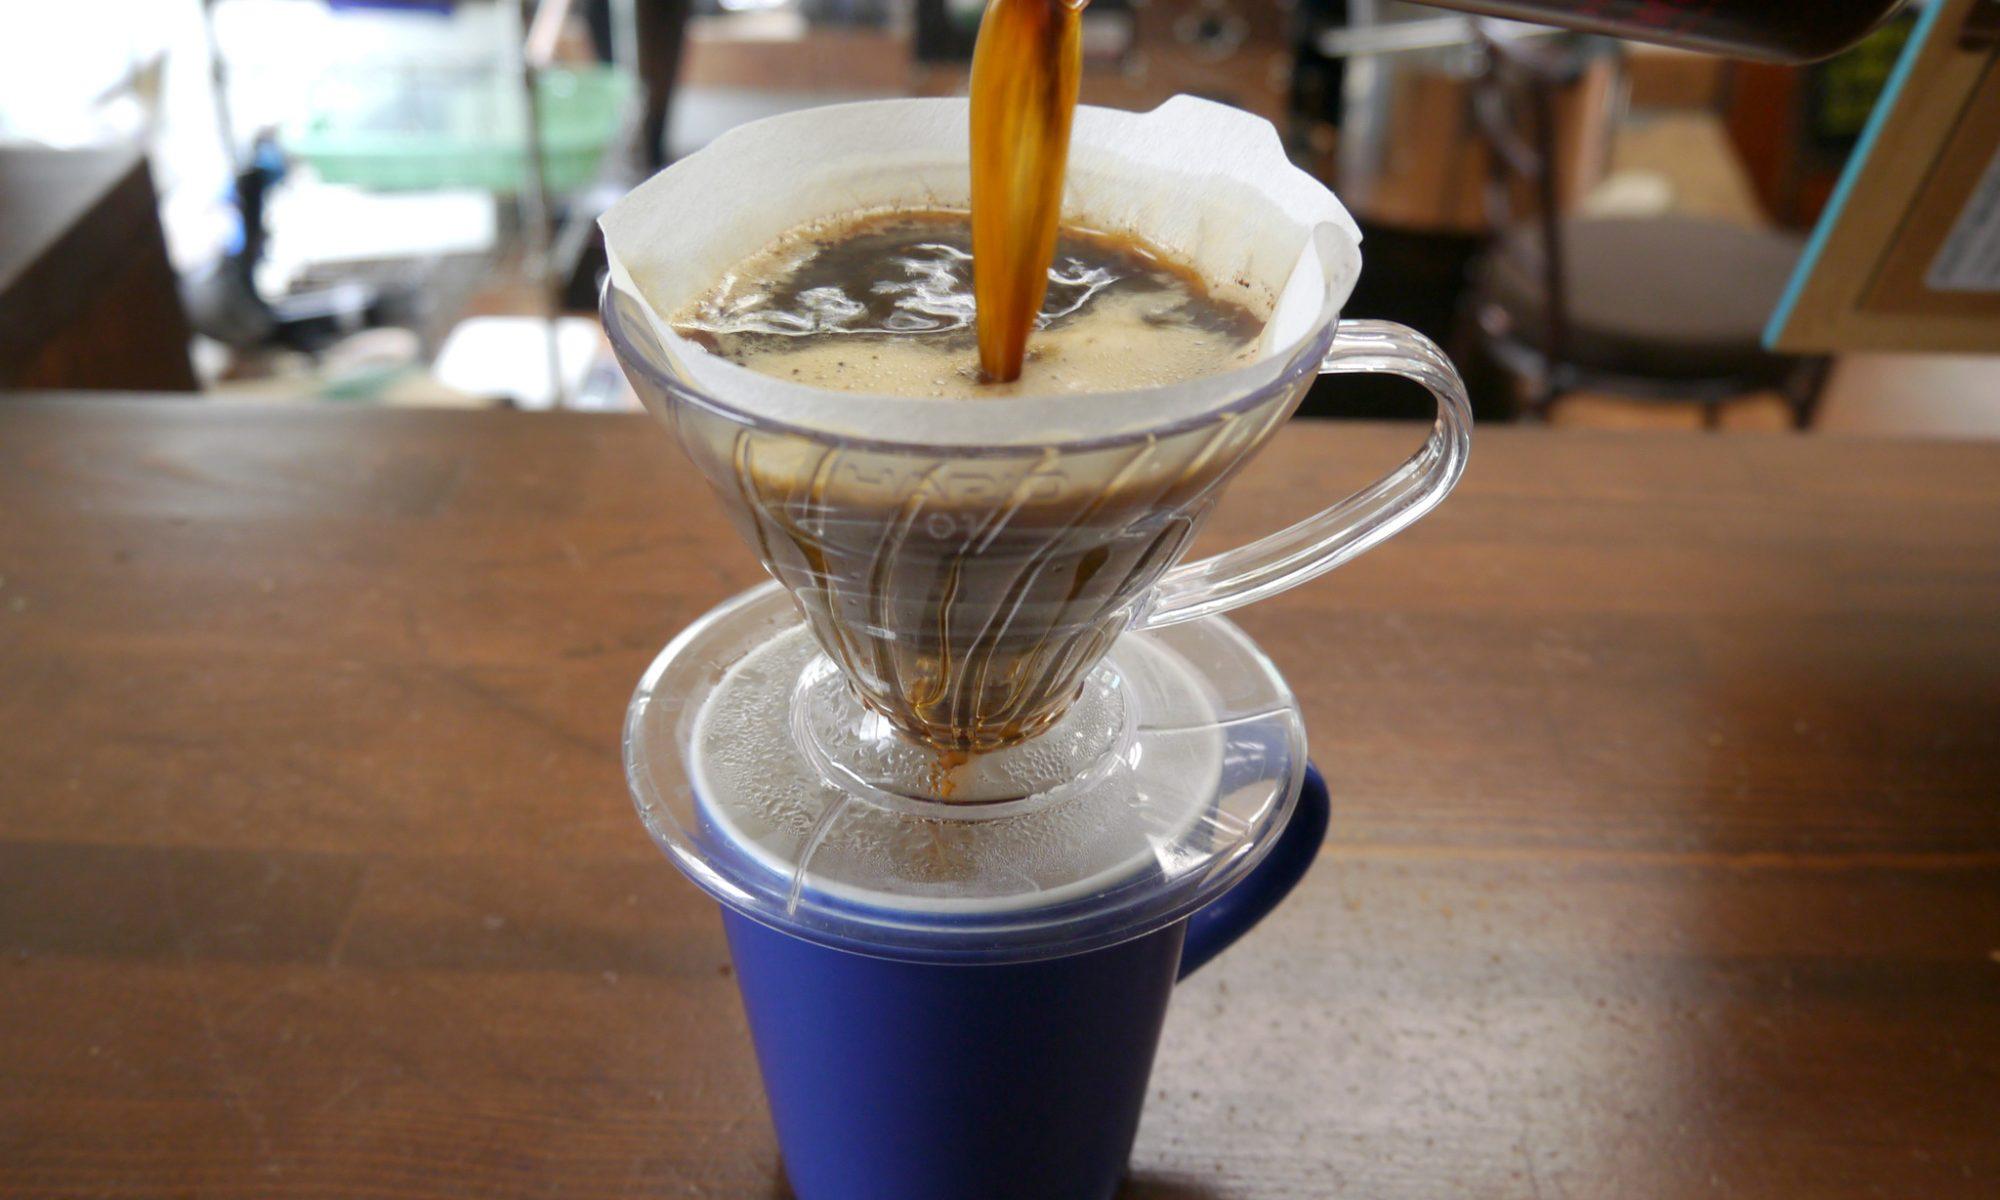 ドリッパーがあれば浸漬法でコーヒーは淹れれます